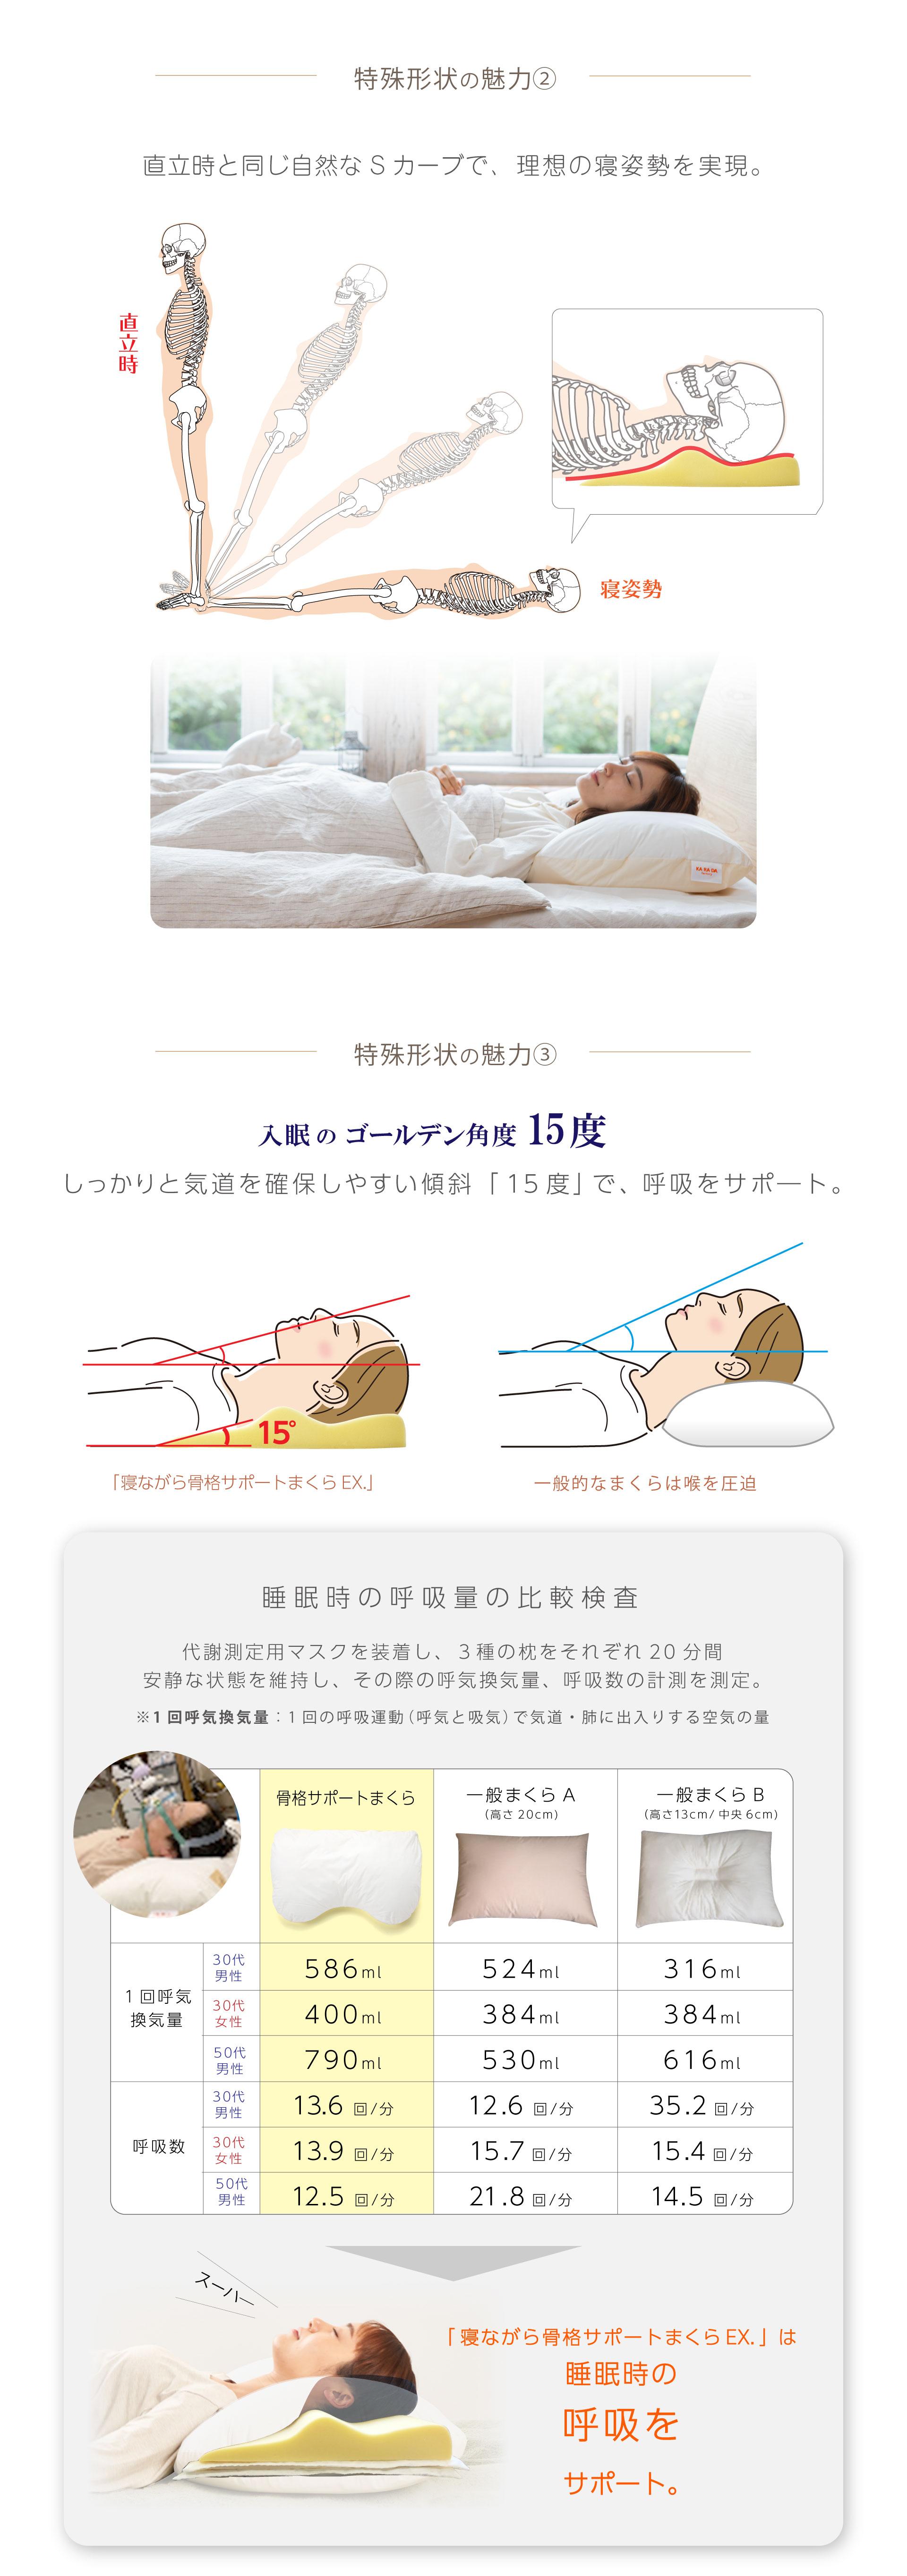 寝ながら骨格サポートまくらEX.説明画像5